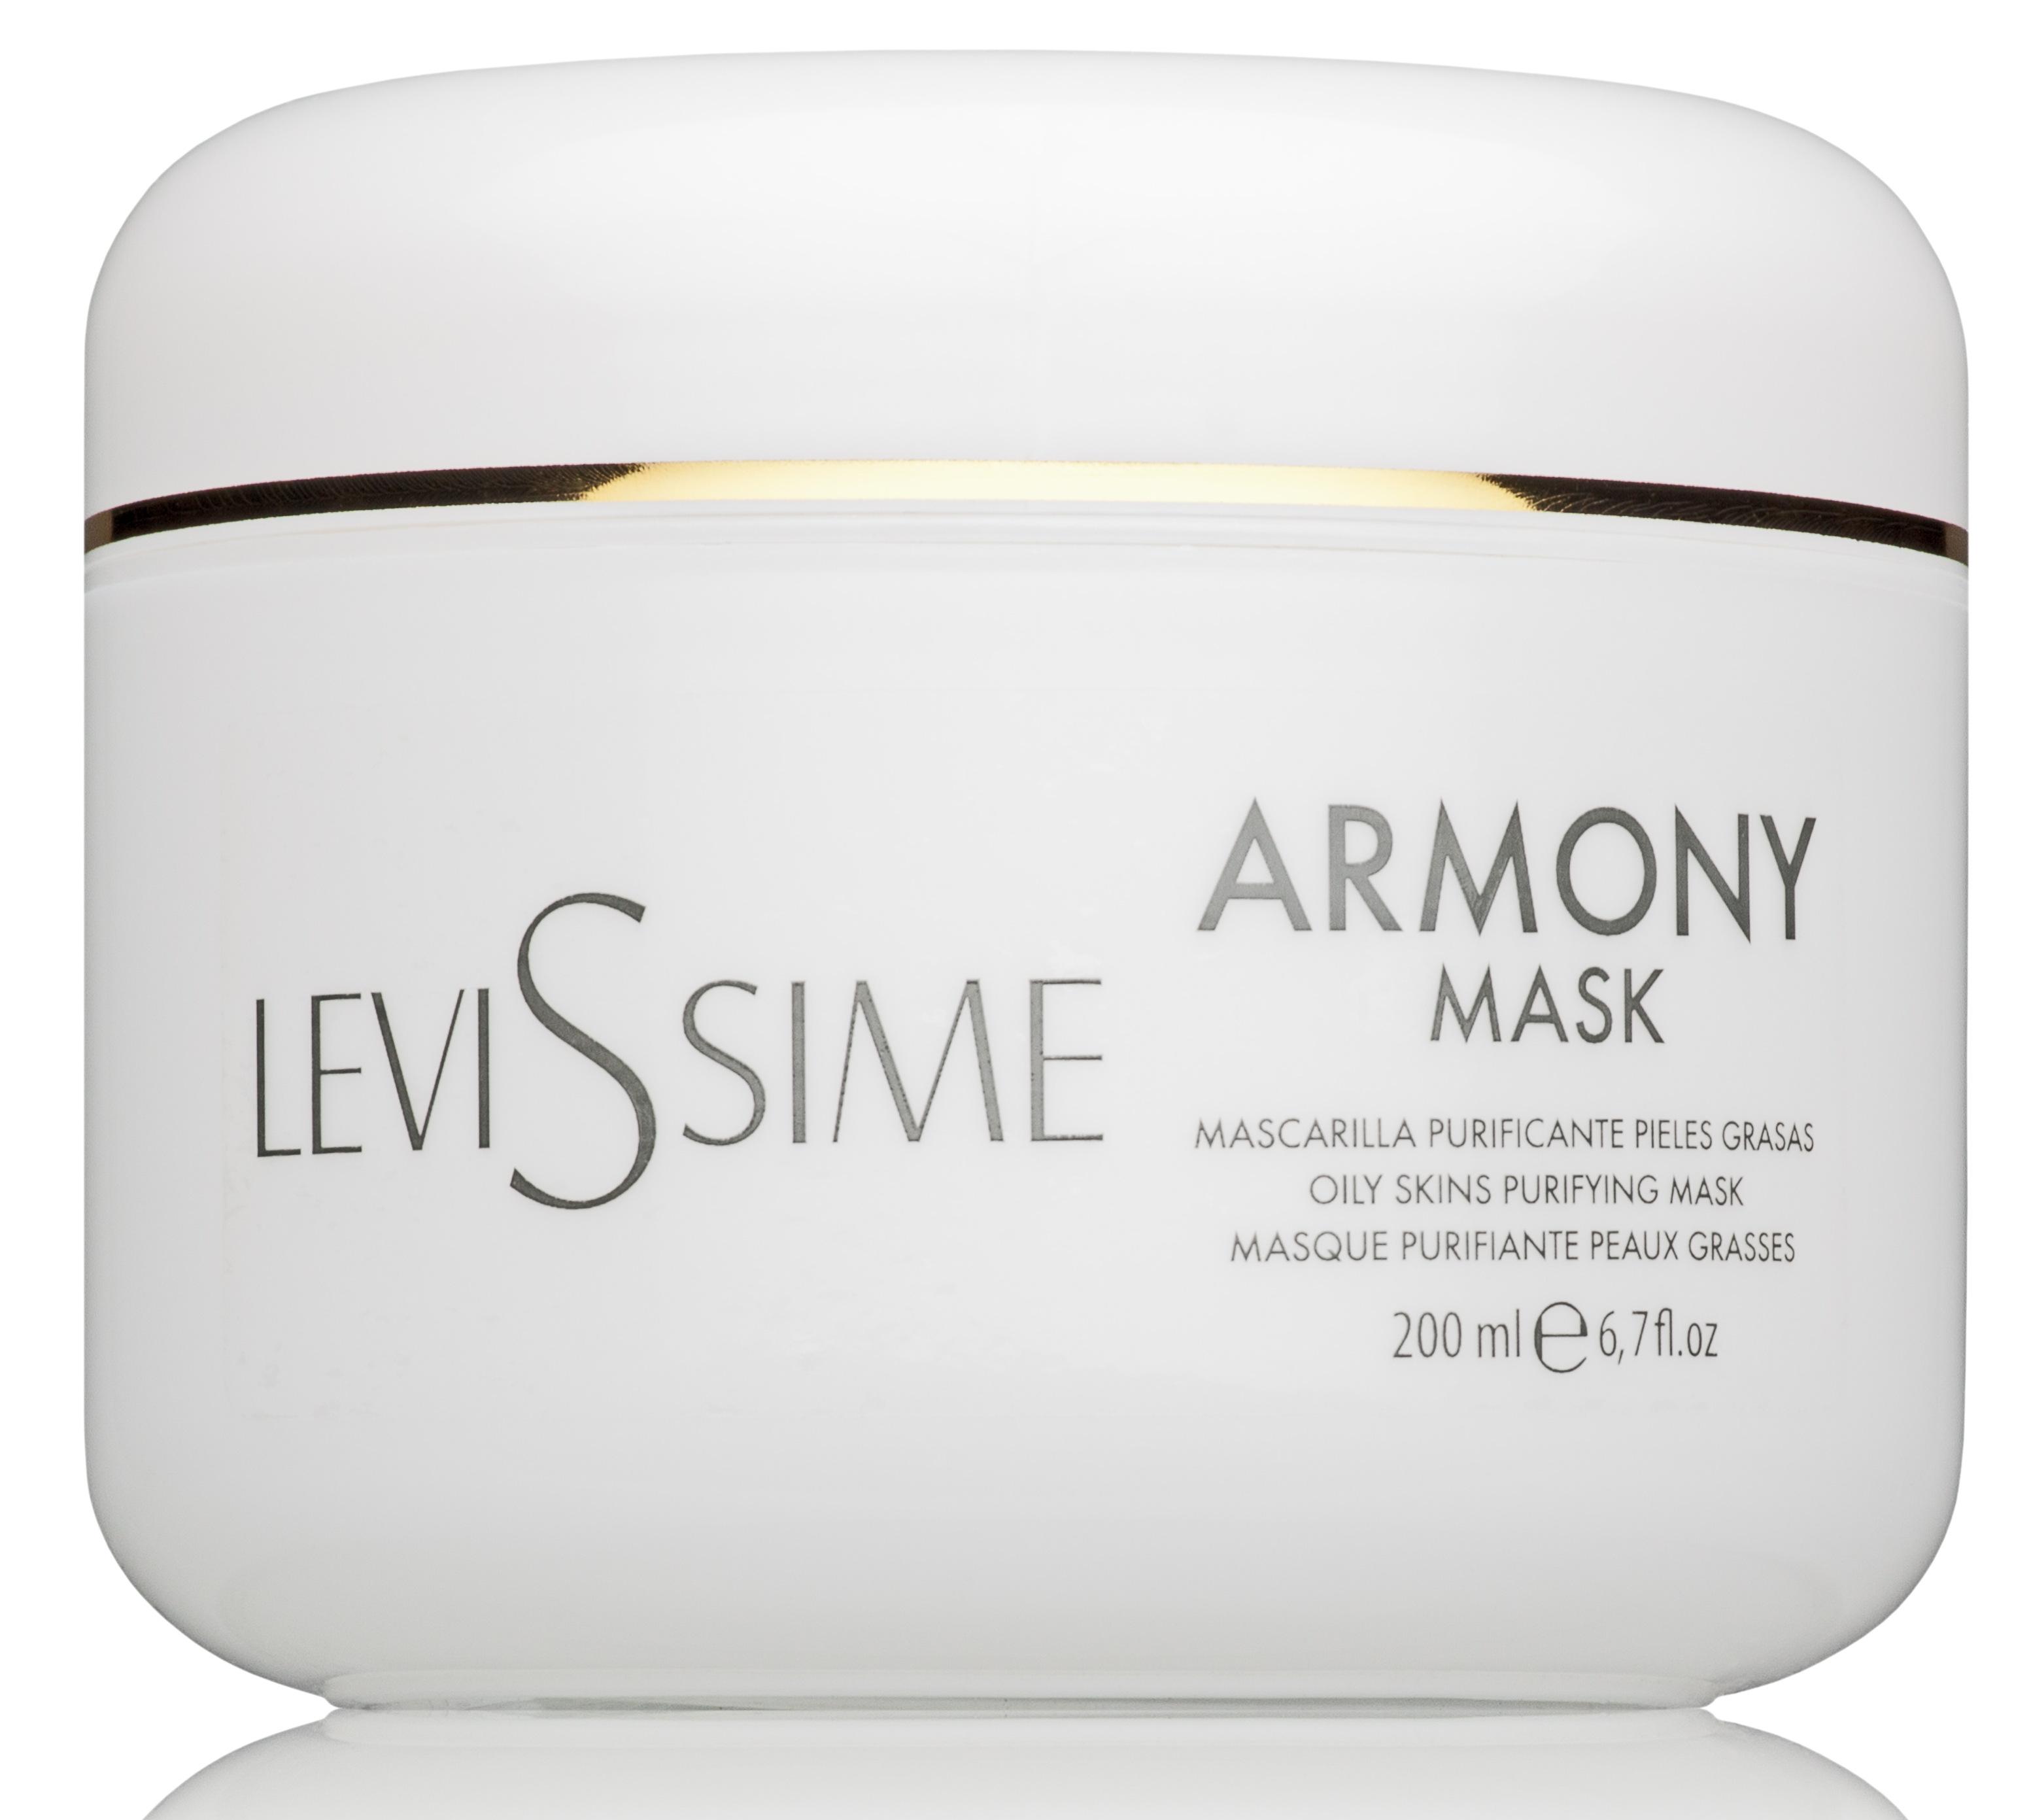 Купить LEVISSIME Маска очищающая для жирной кожи / Armony Mask 200 мл